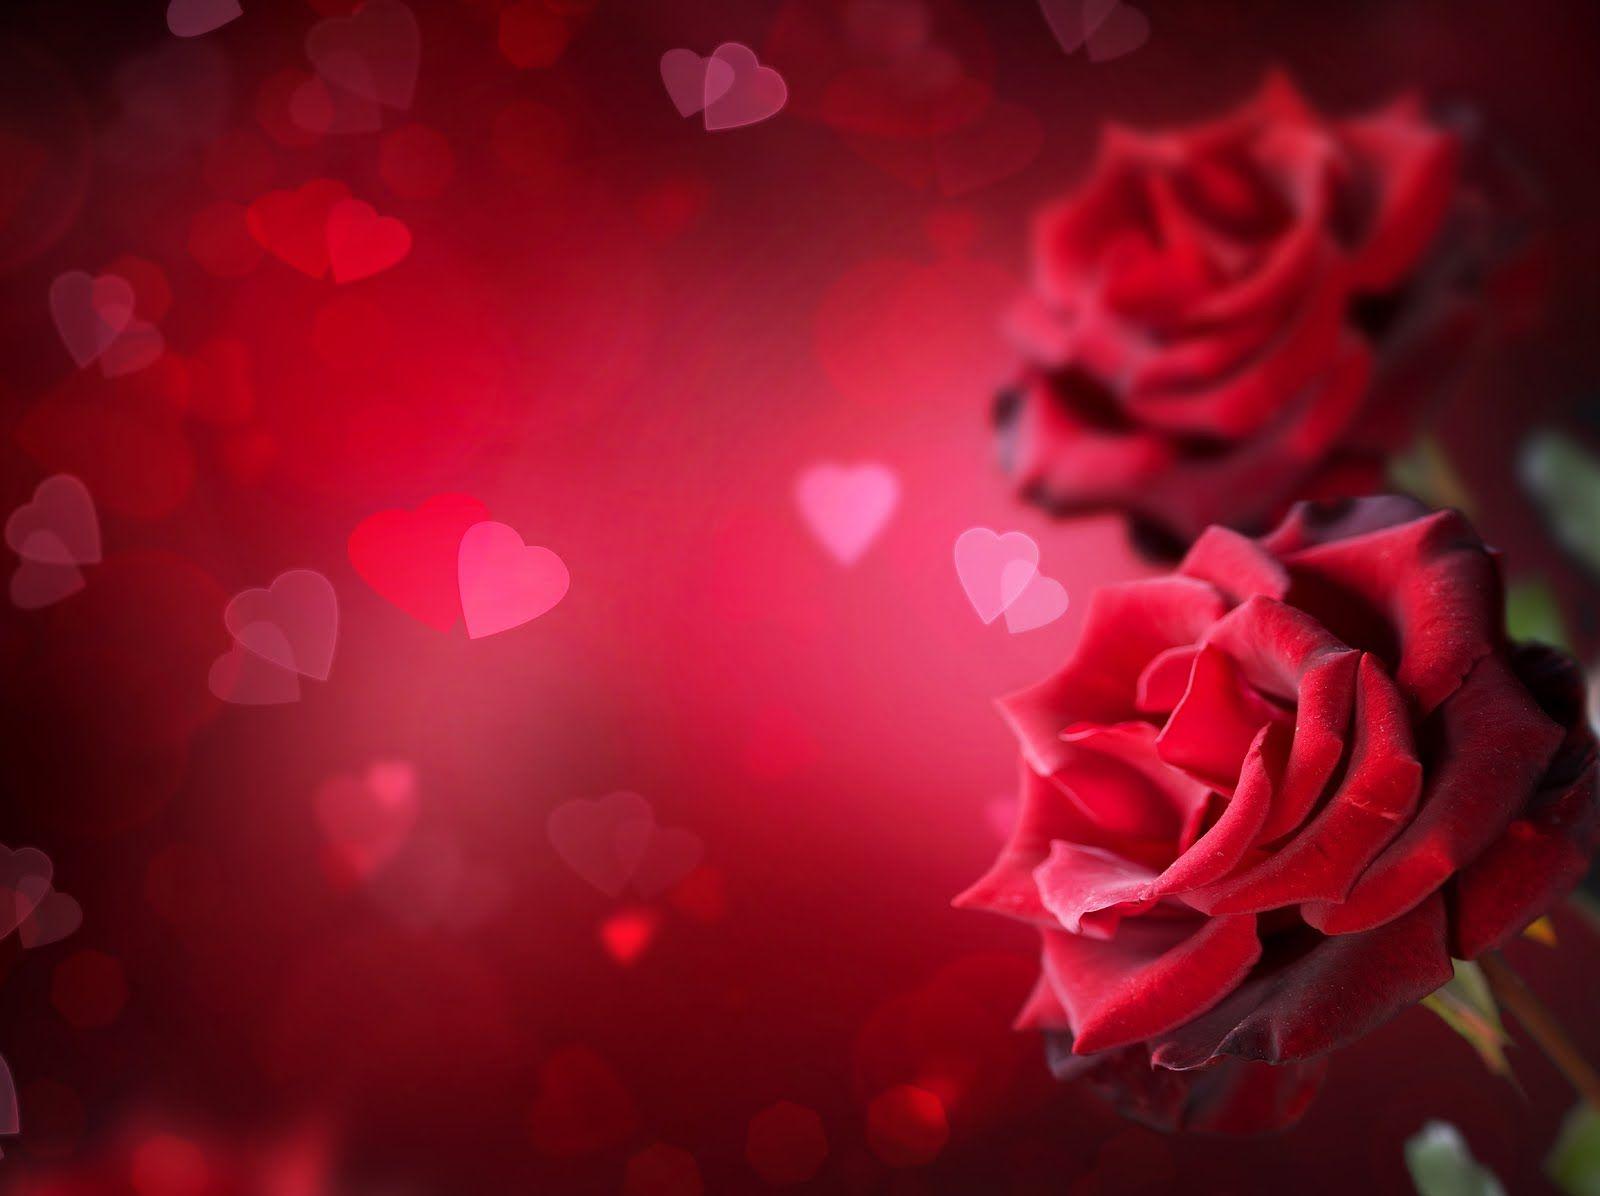 Fondo De Pantalla Dia De San Valentin Regalo Con Rosa: Imágenes Del Dia De San Valentin Con Movimiento Para